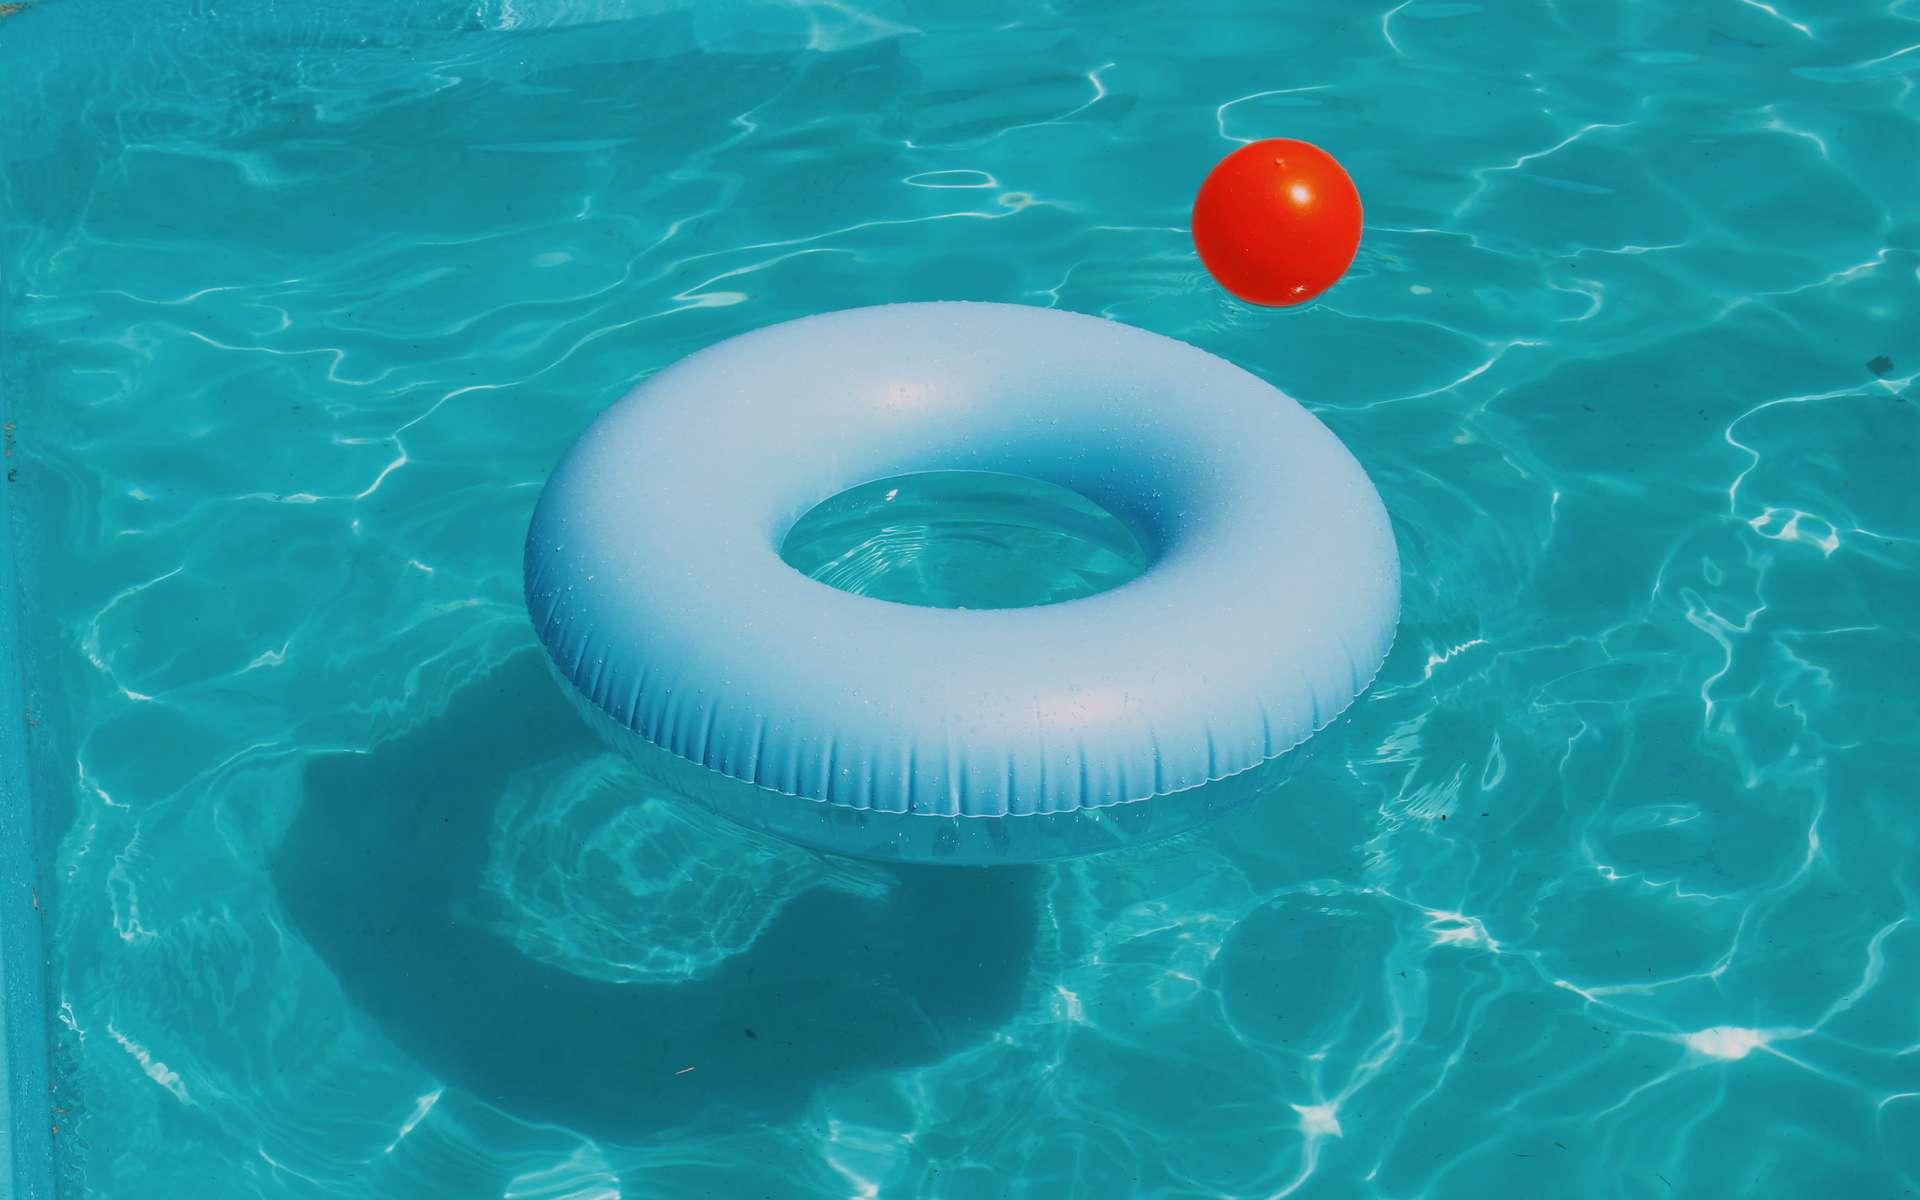 Les bons plans pour acheter une piscine hors sol à prix malins - Photo by Joe Calata on Unsplash